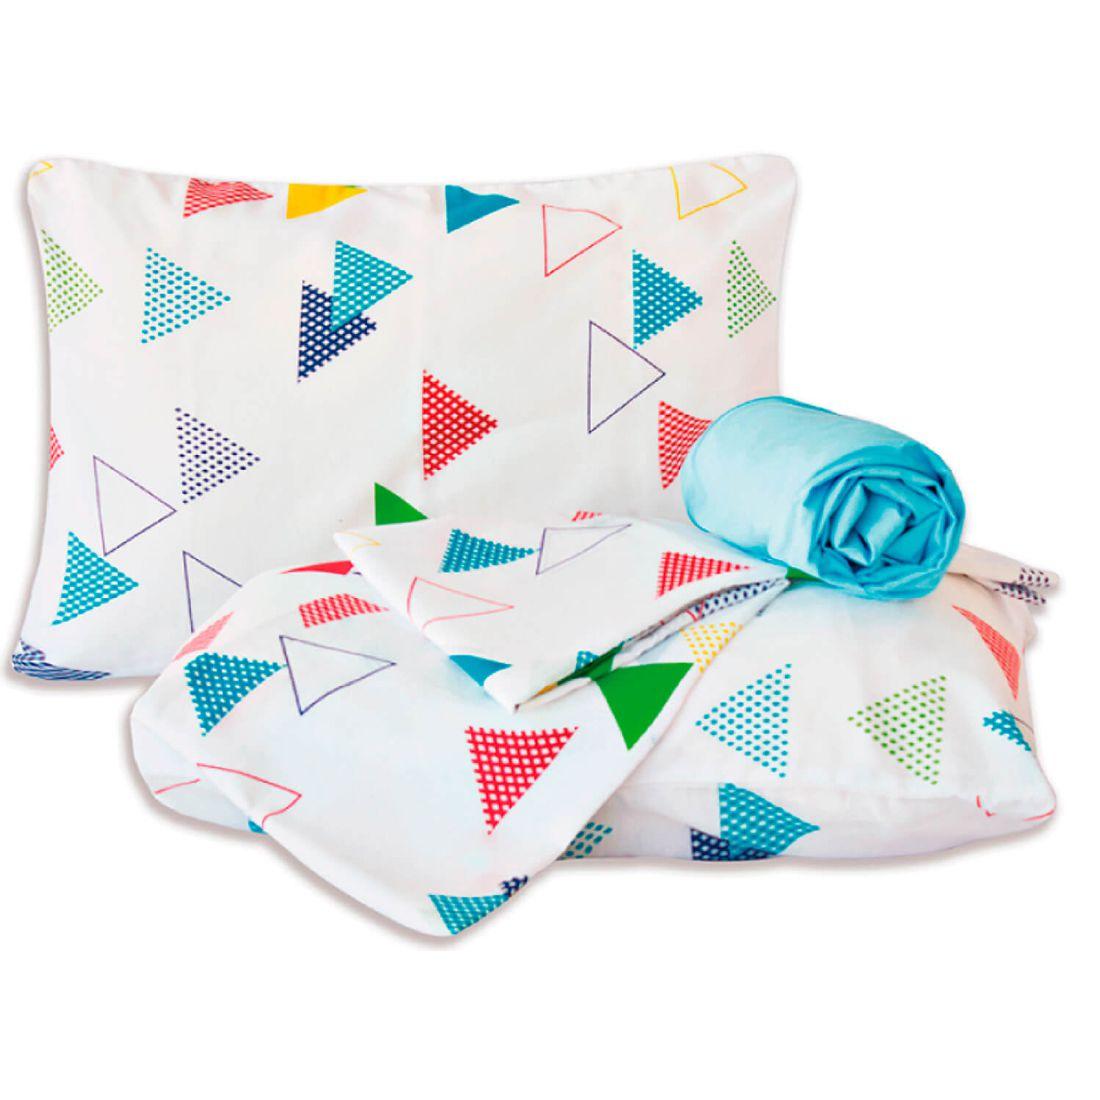 Jogo de Cama Standard Triângulos Branco/Azul Casal Padrão 160 Fios 04 Peças